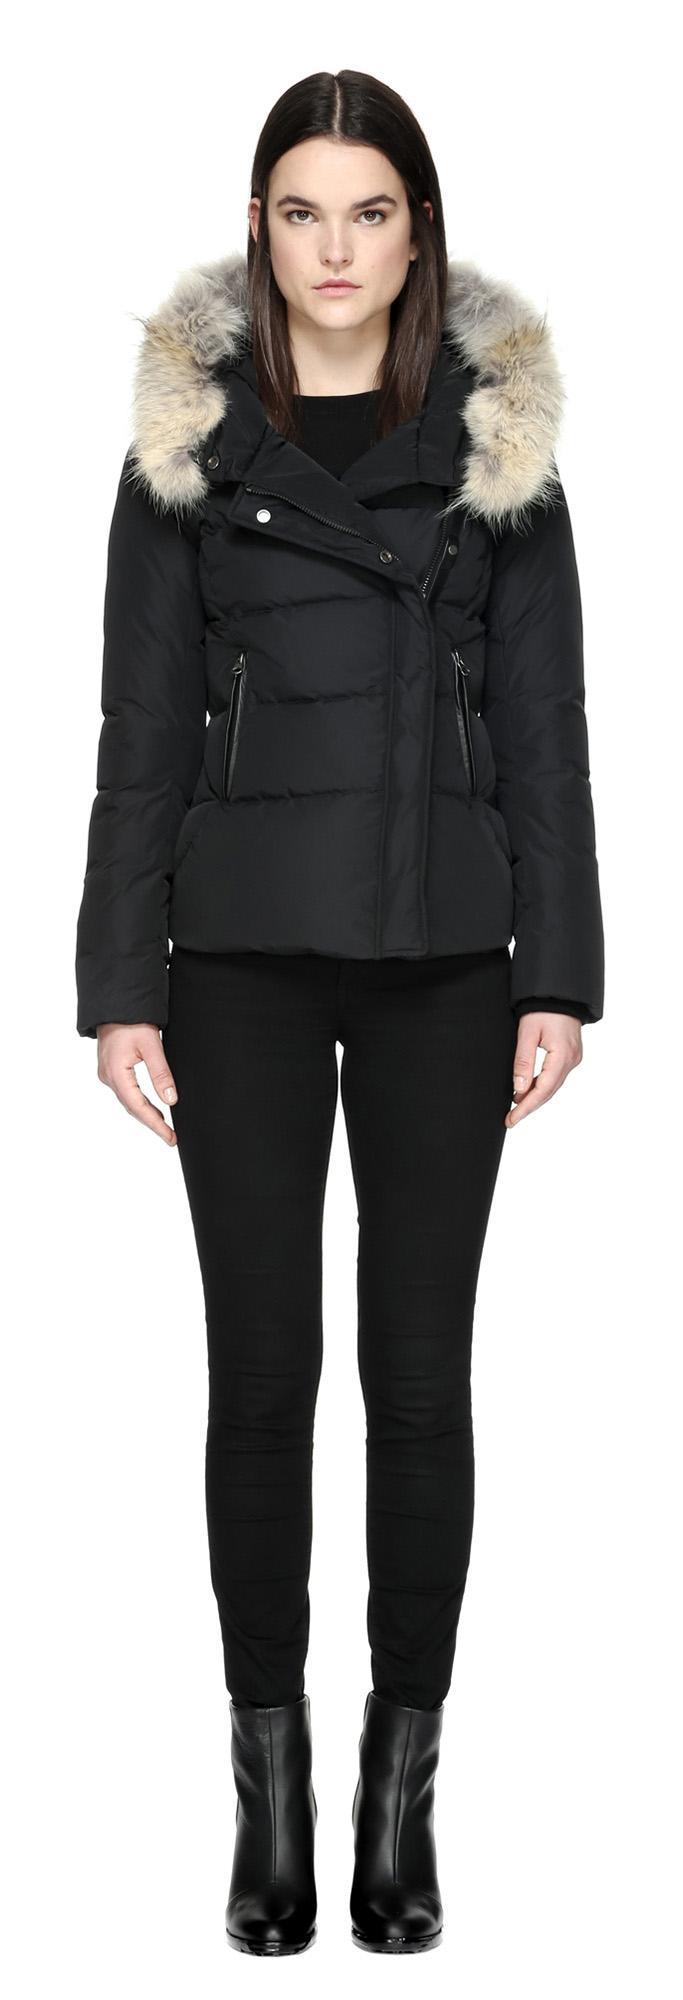 Mackage Adi Black Bomber Jacket With Fur Hood in Black | Lyst